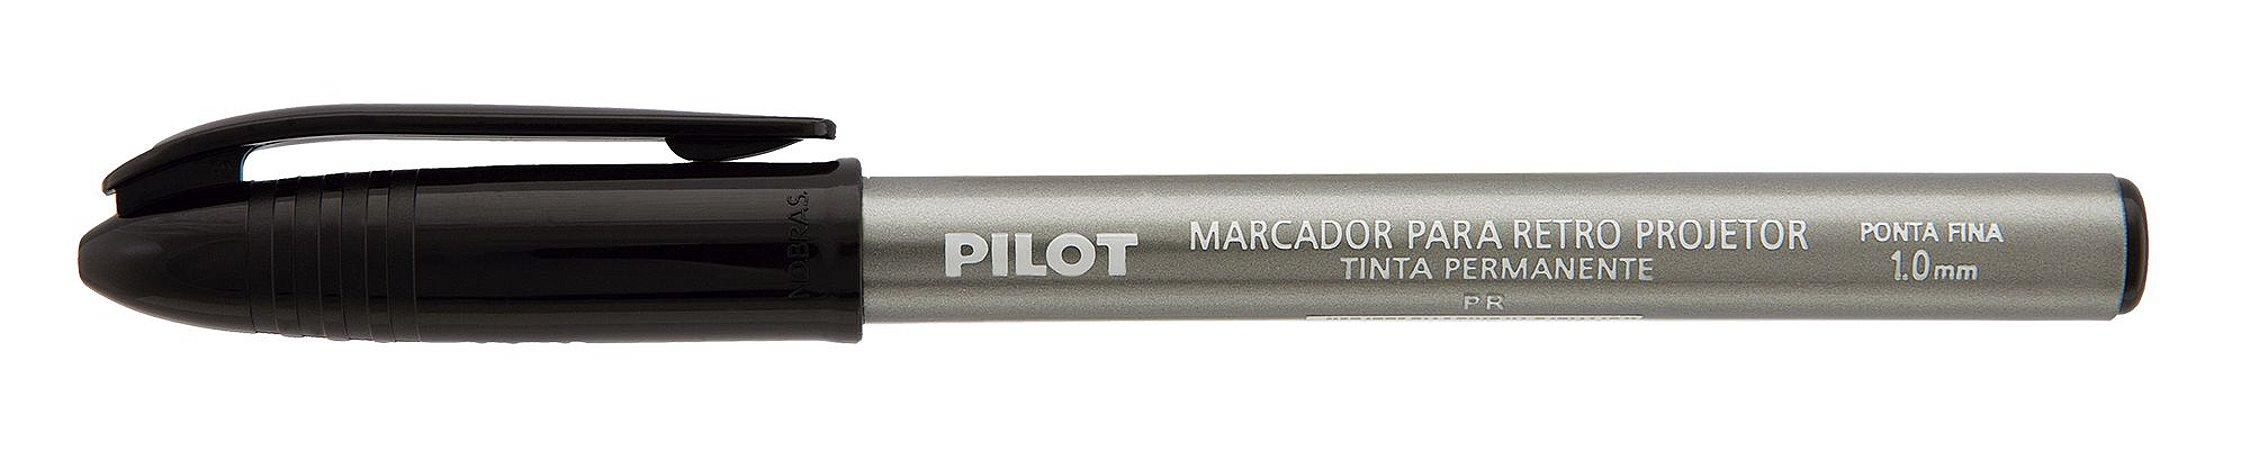 CANETA RETROPROJETOR PILOT 1MM PT C/01